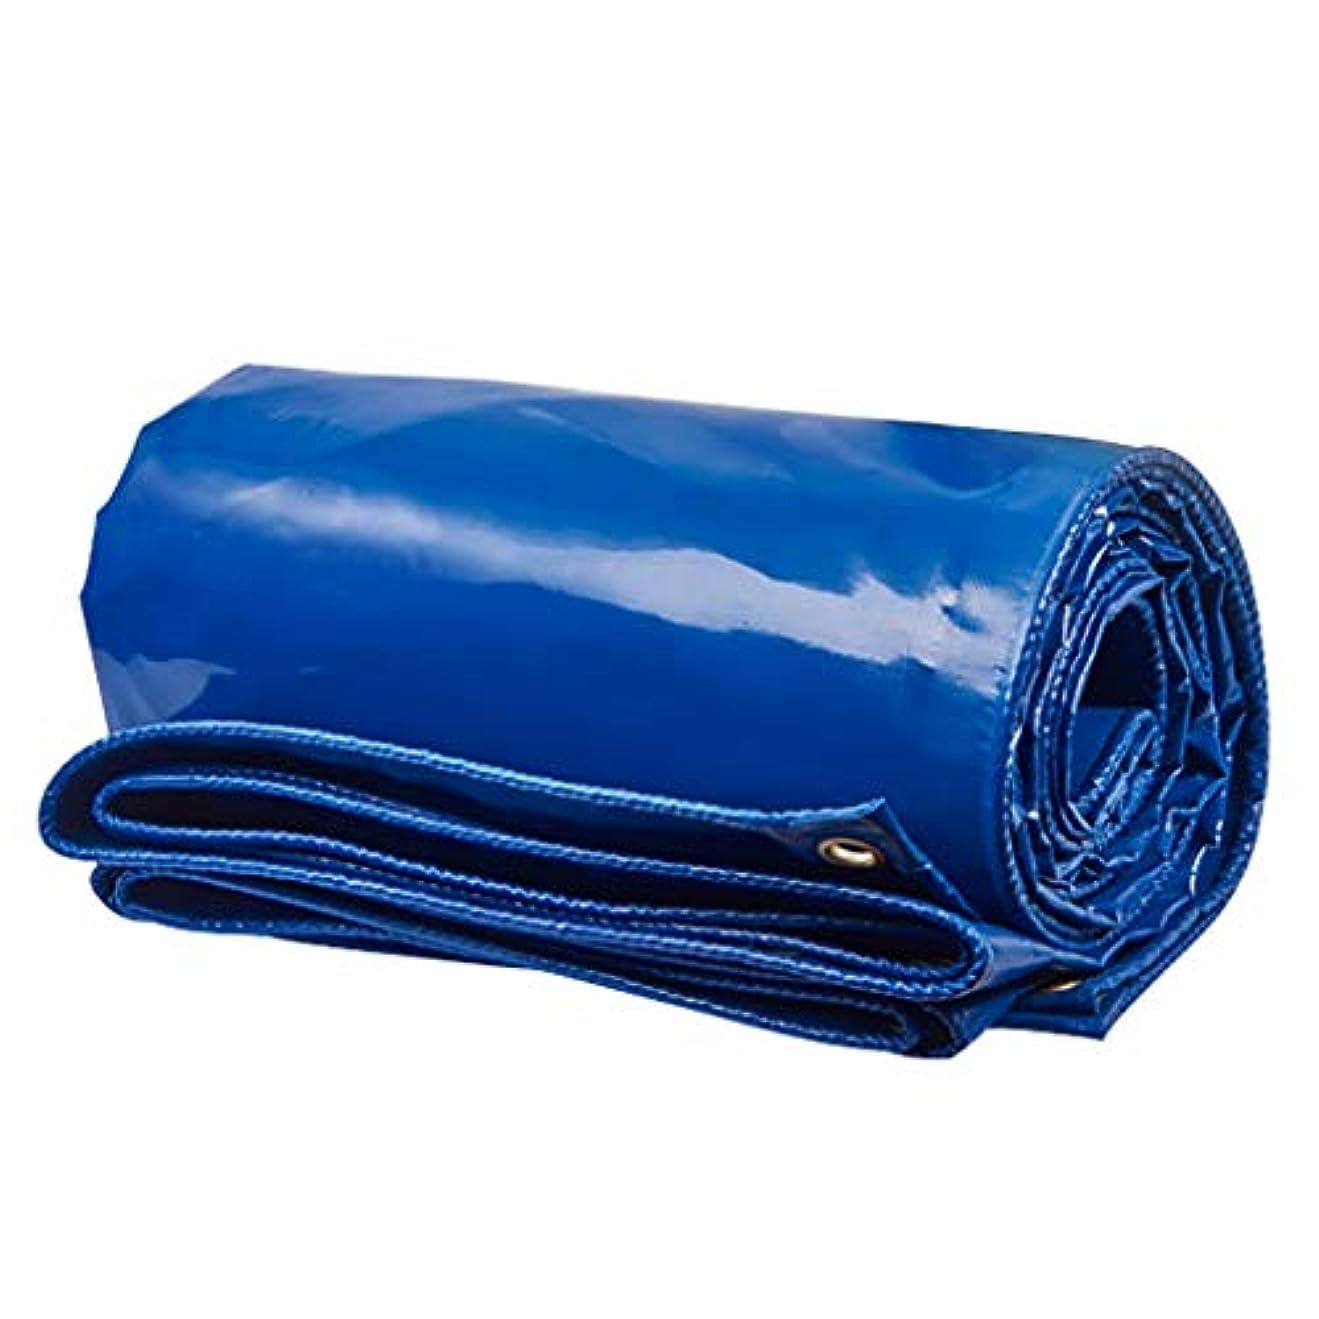 数学お手伝いさん夕食を作るタープ 防水防水ポリ塩化ビニールの青い防水シート、日焼け止めの酸化防止のべと病の証拠の破損抵抗 テント (Color : Blue, Size : 3m × 4m)